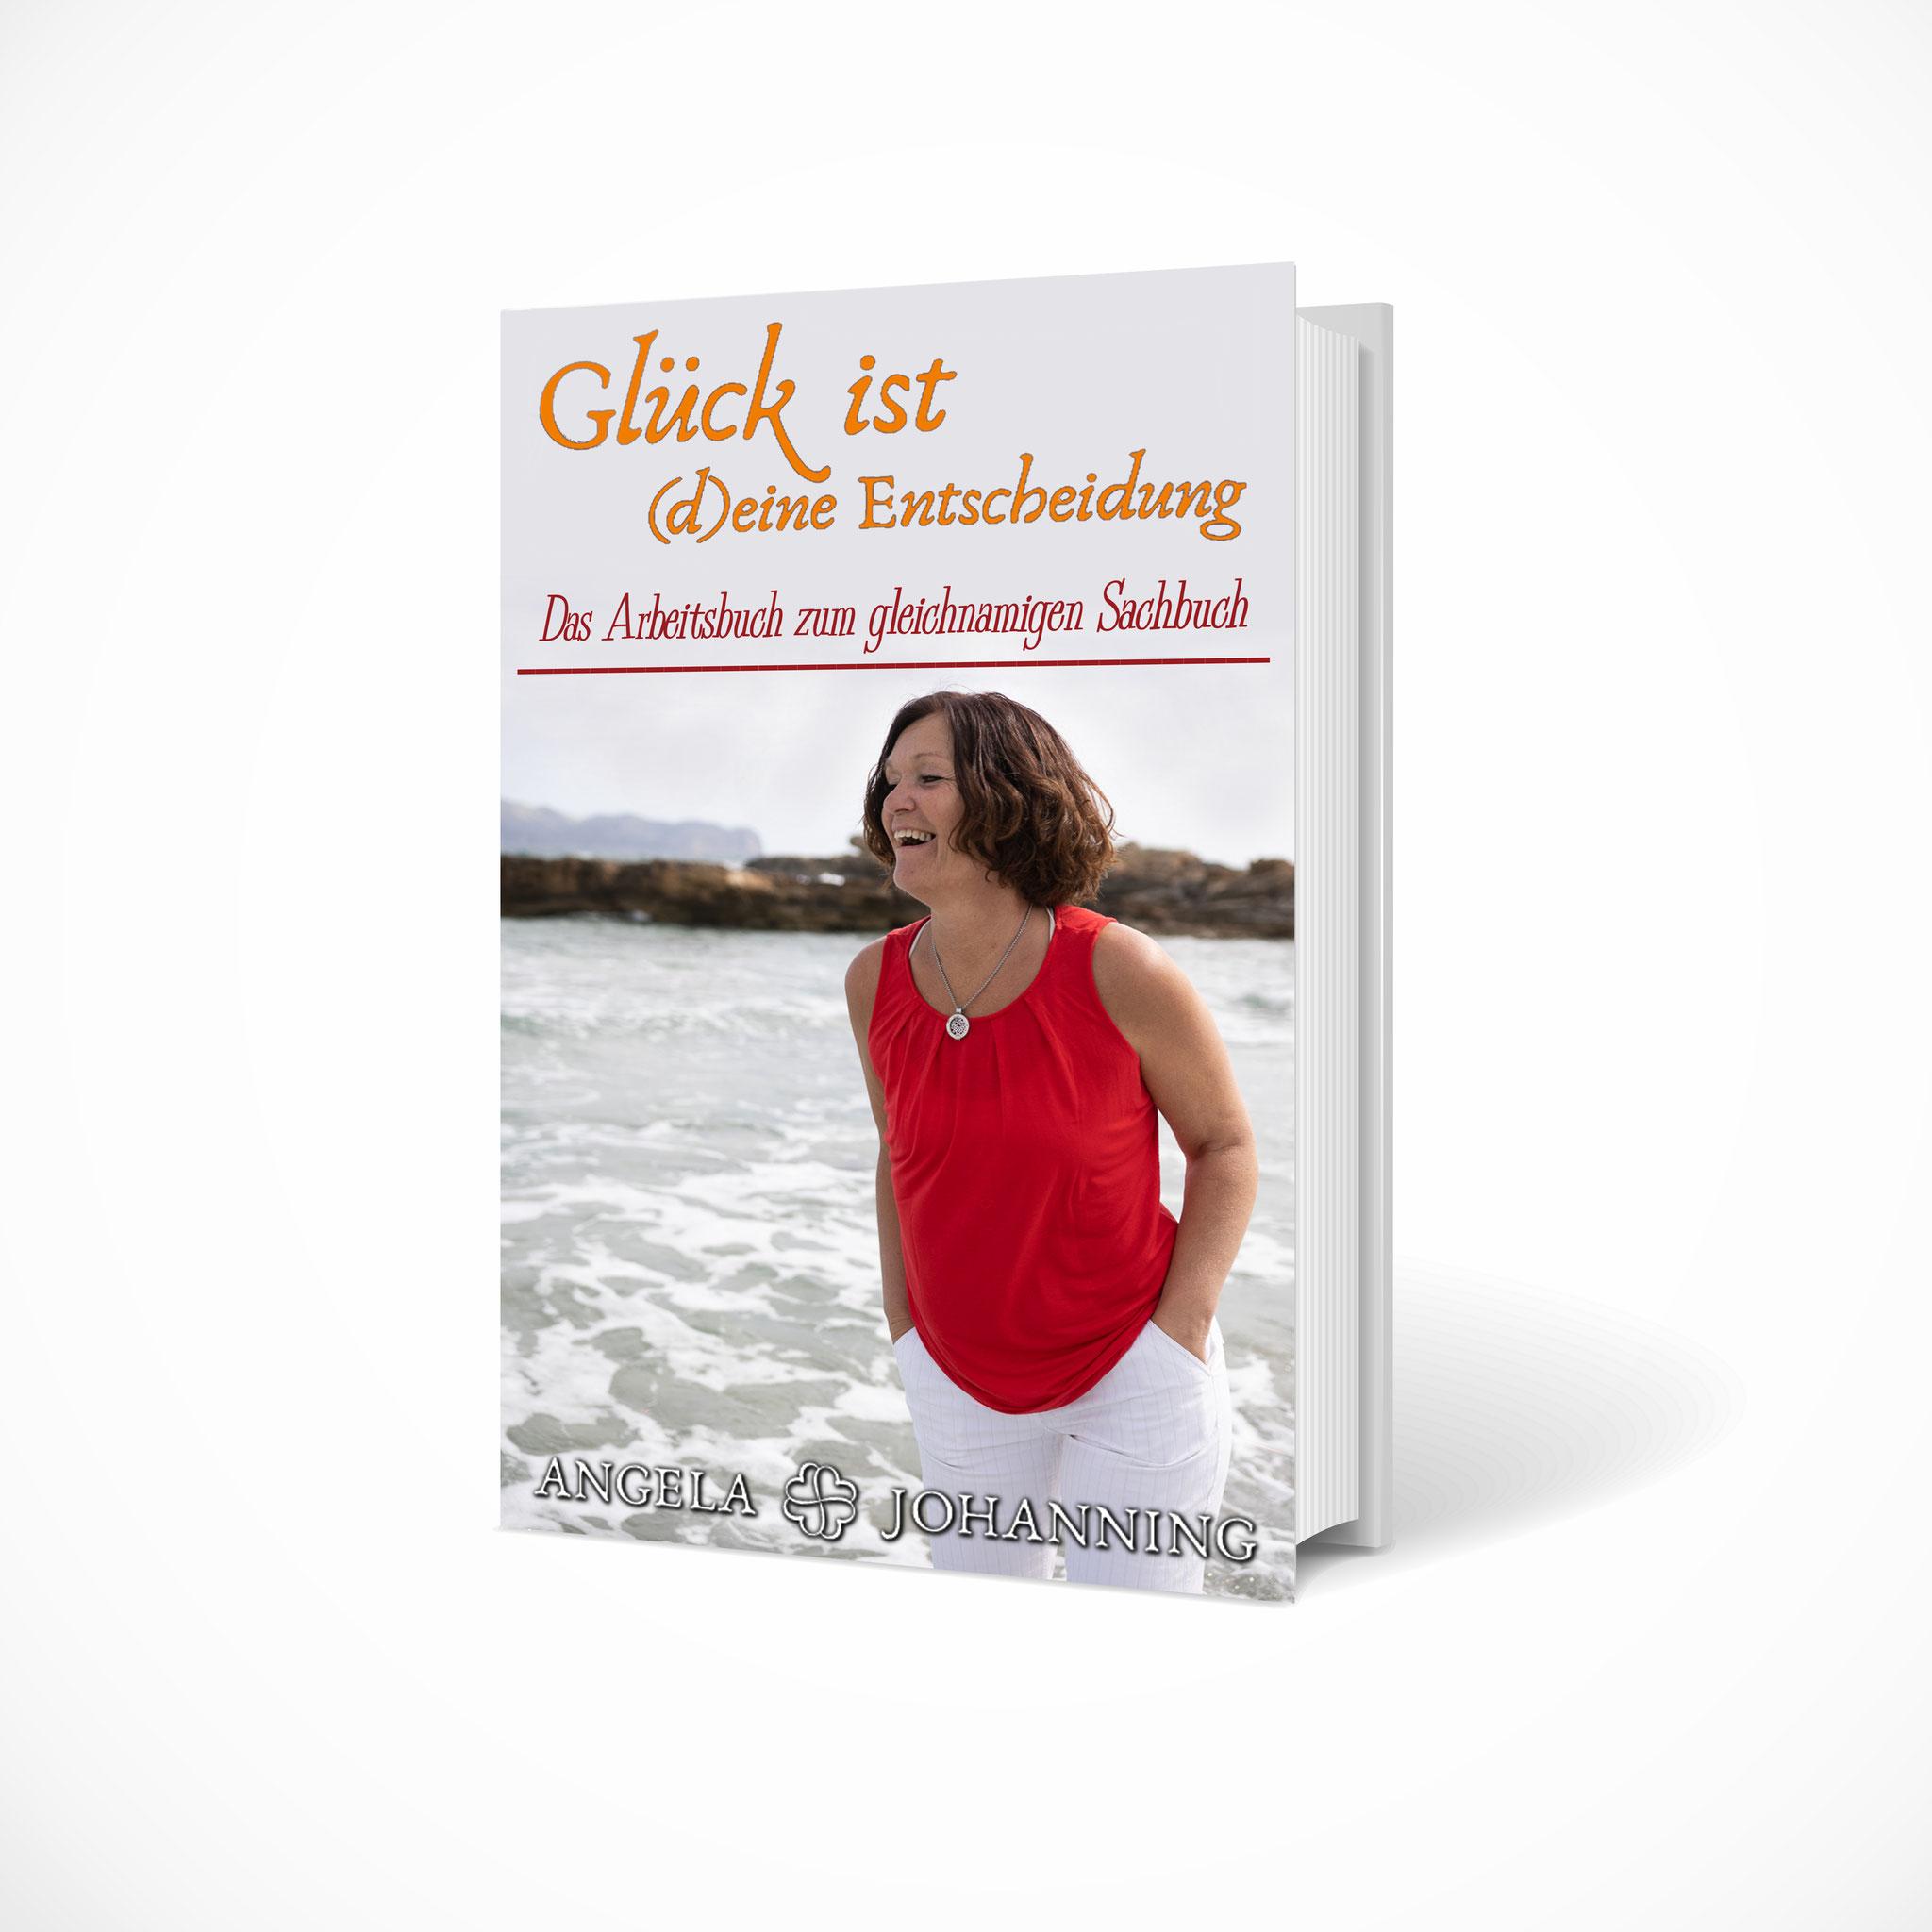 Glück ist (d)eine Entscheidung: Das Arbeitsbuch zum gleichnamigen Sachbuch